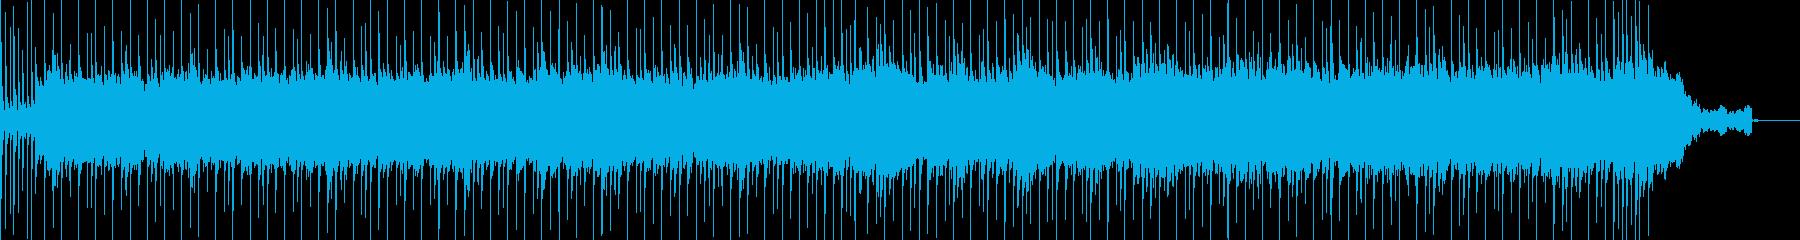 ほのぼのゆったりしたポップスの再生済みの波形